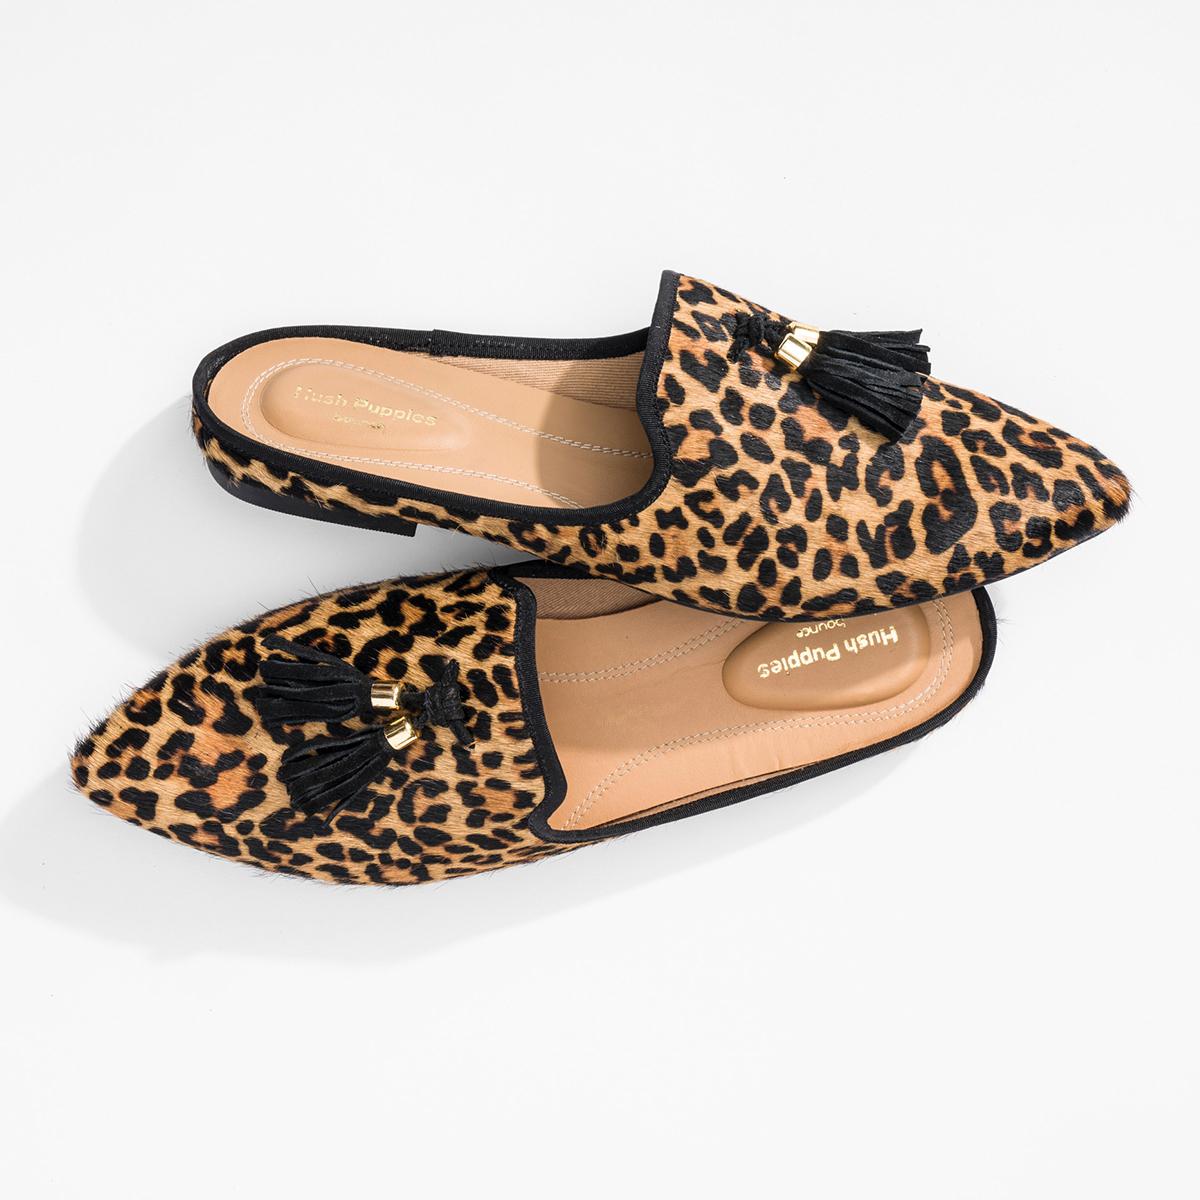 Sadie Tassel Mule   Leopard Calf Hair   Hush Puppies